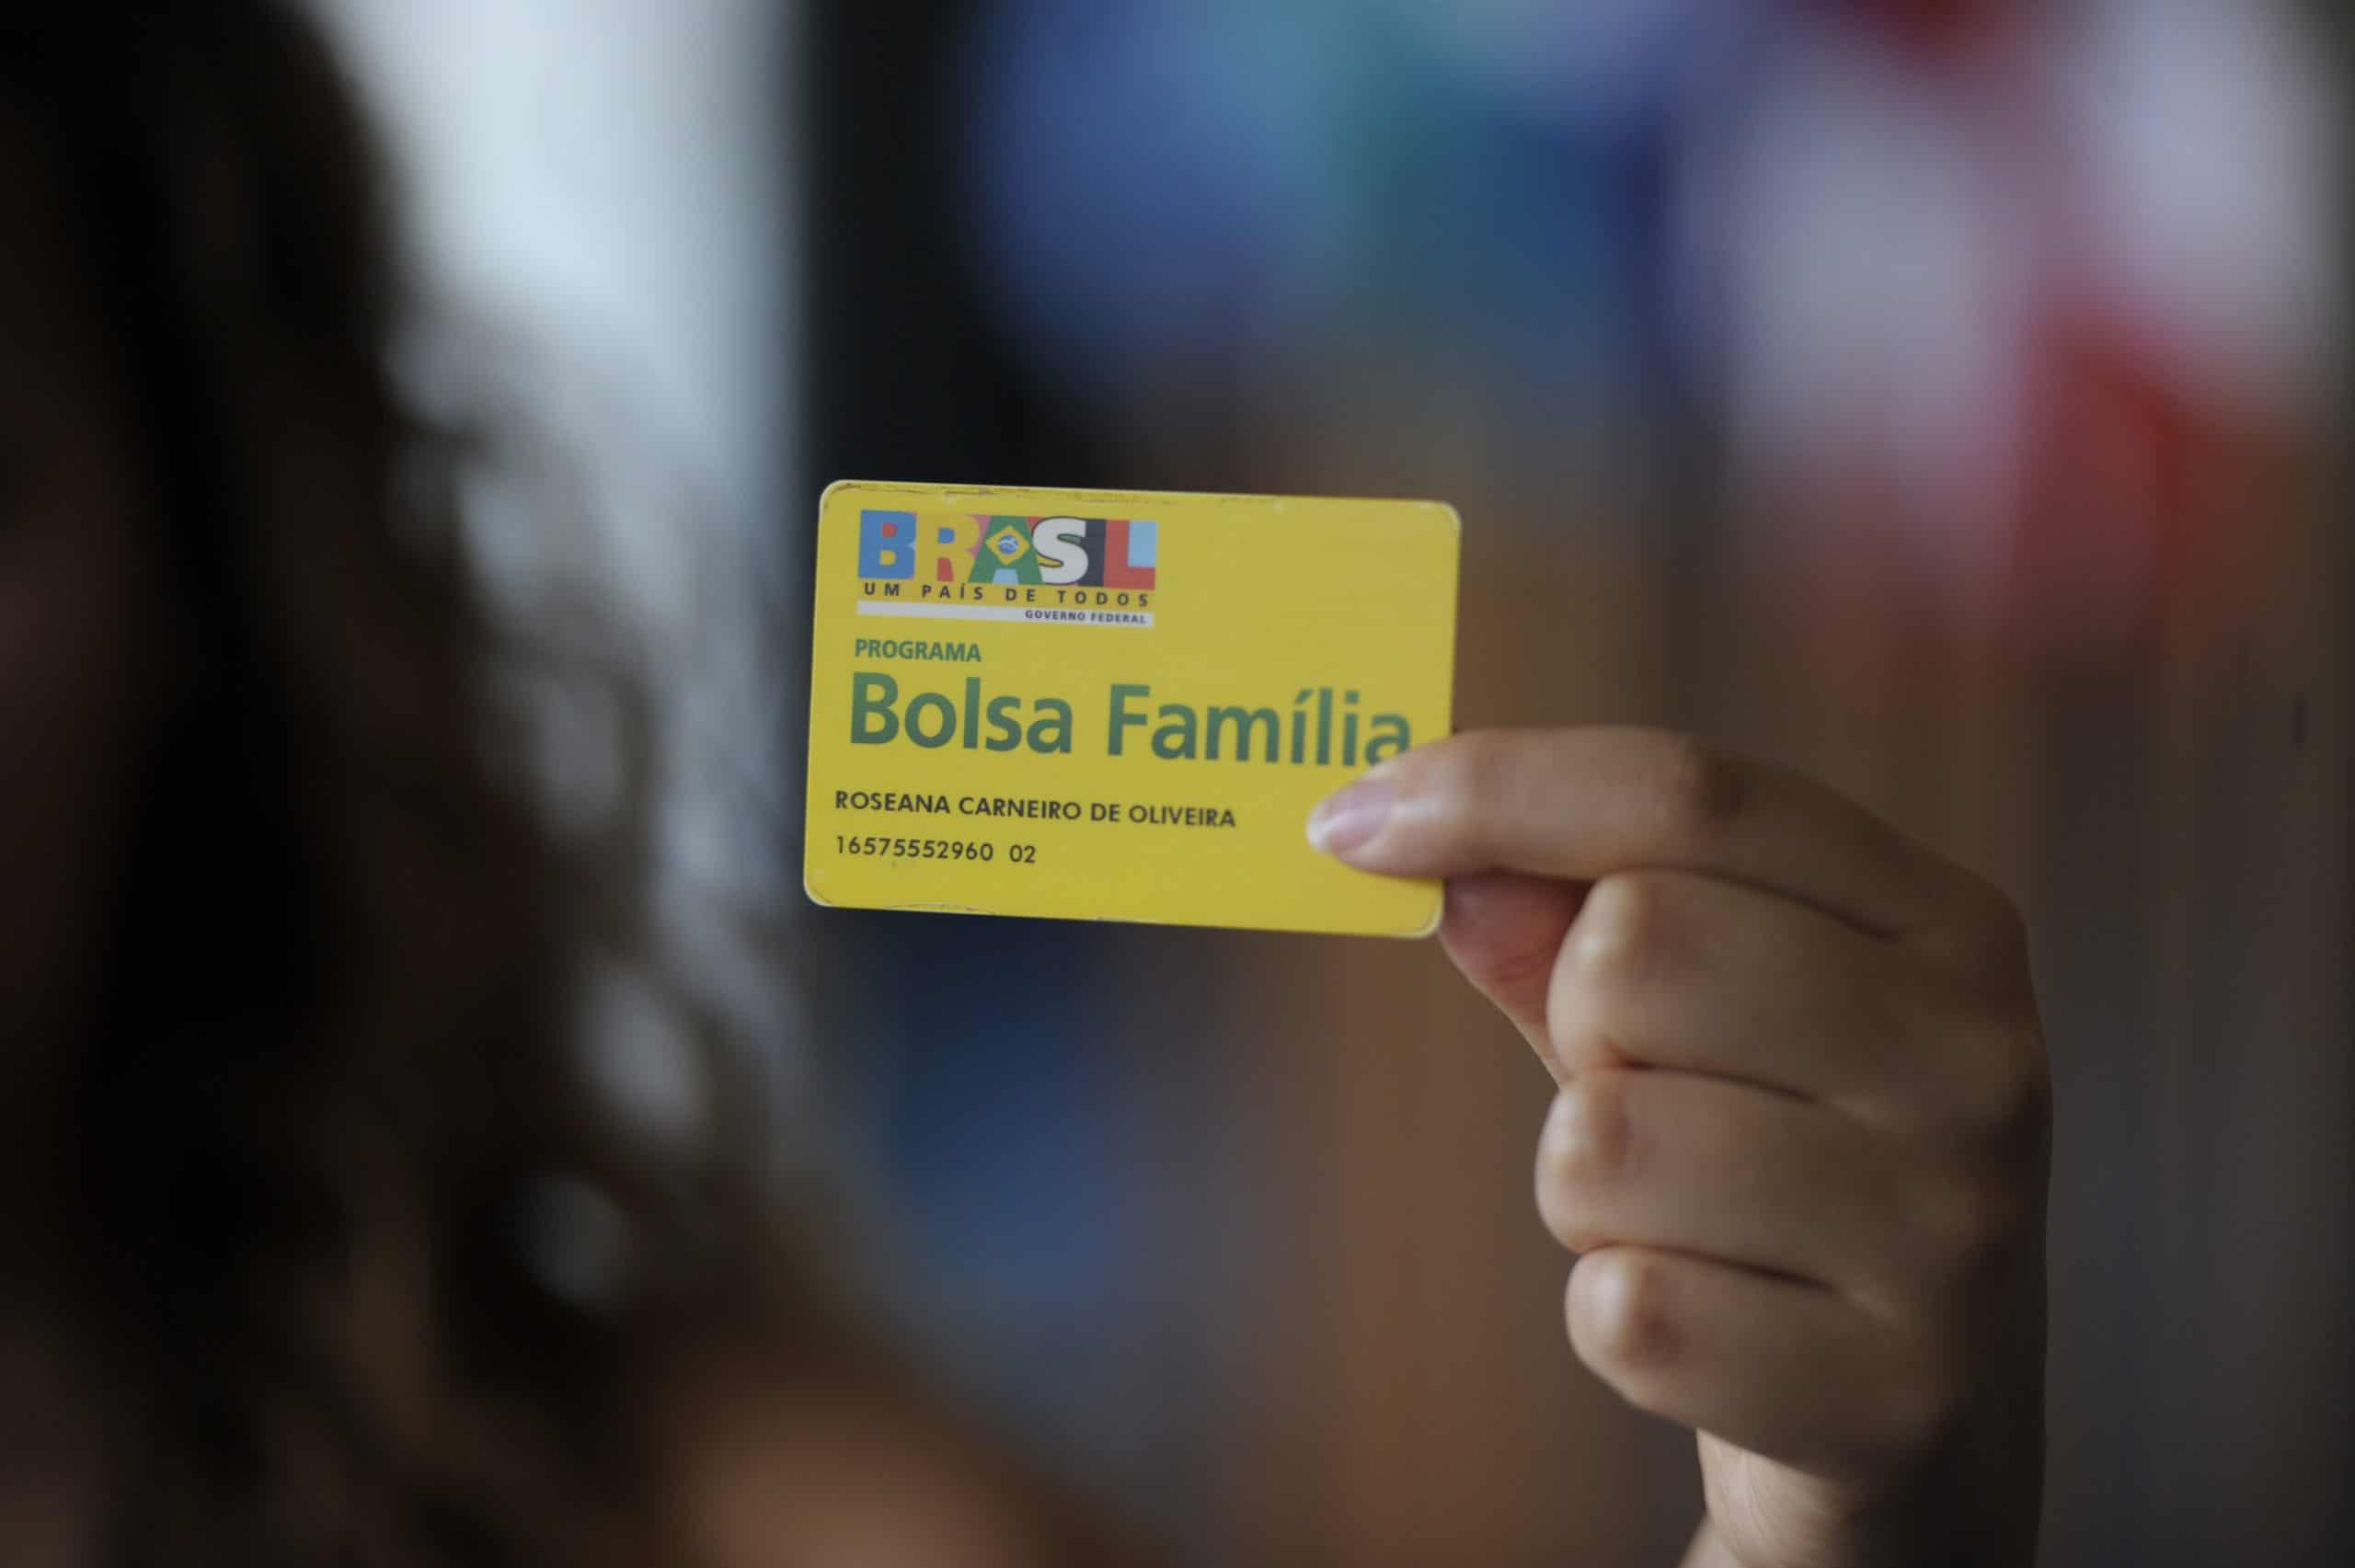 Prorrogado! MP do Auxílio Brasil ganha novo prazo para ser votado (Foto: Jefferson Rudy/Agência Senado)